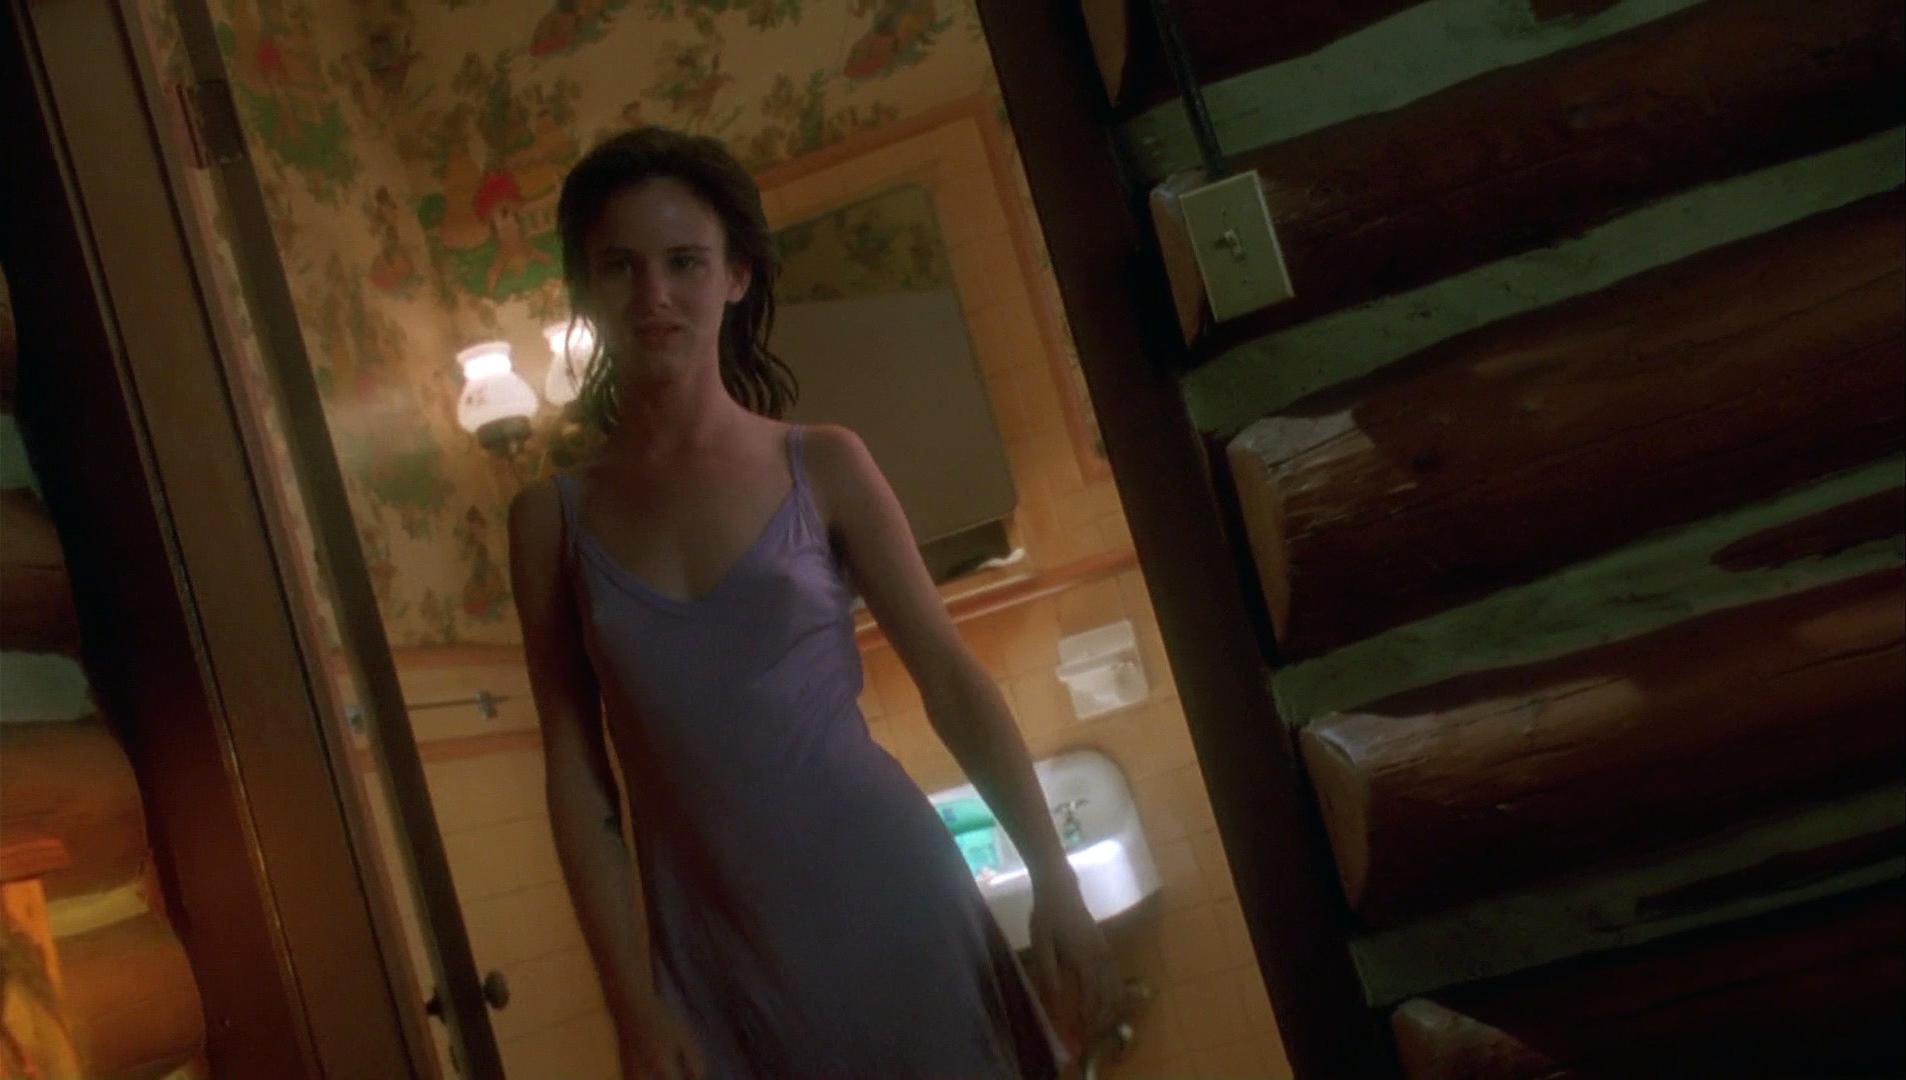 Juliette lewis nude boobs in strange days scandalplanetcom - 2 part 7